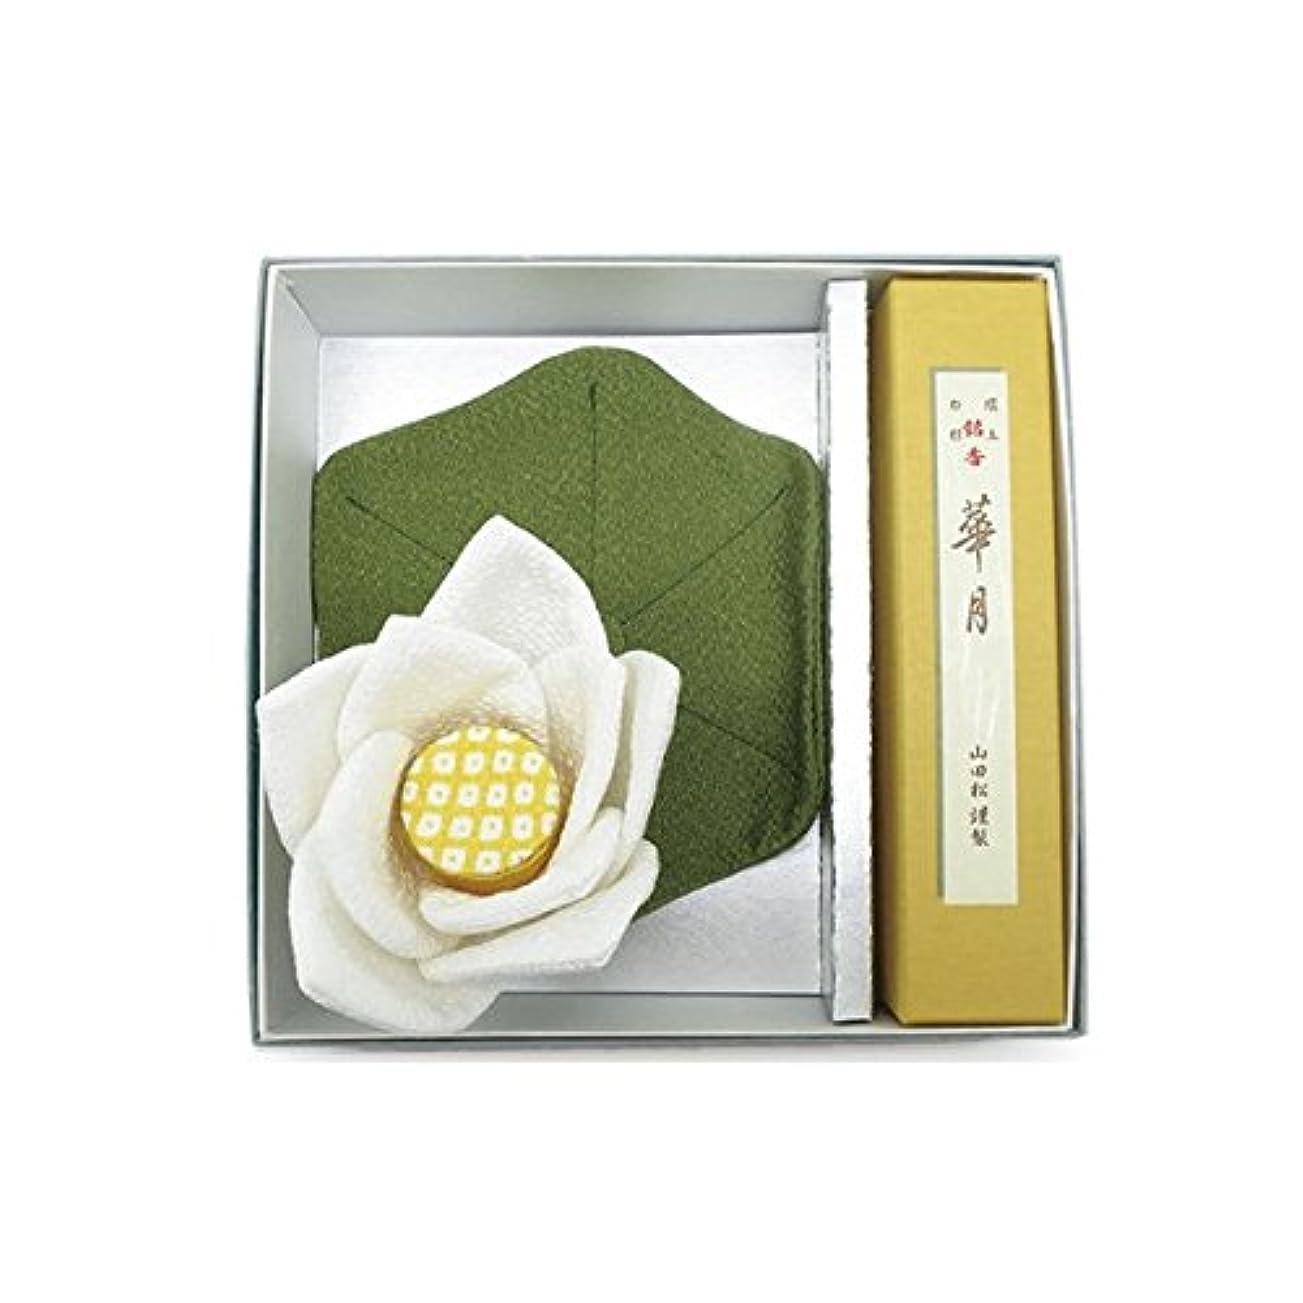 ビスケットズームインする好きである京の香り 白蓮セット